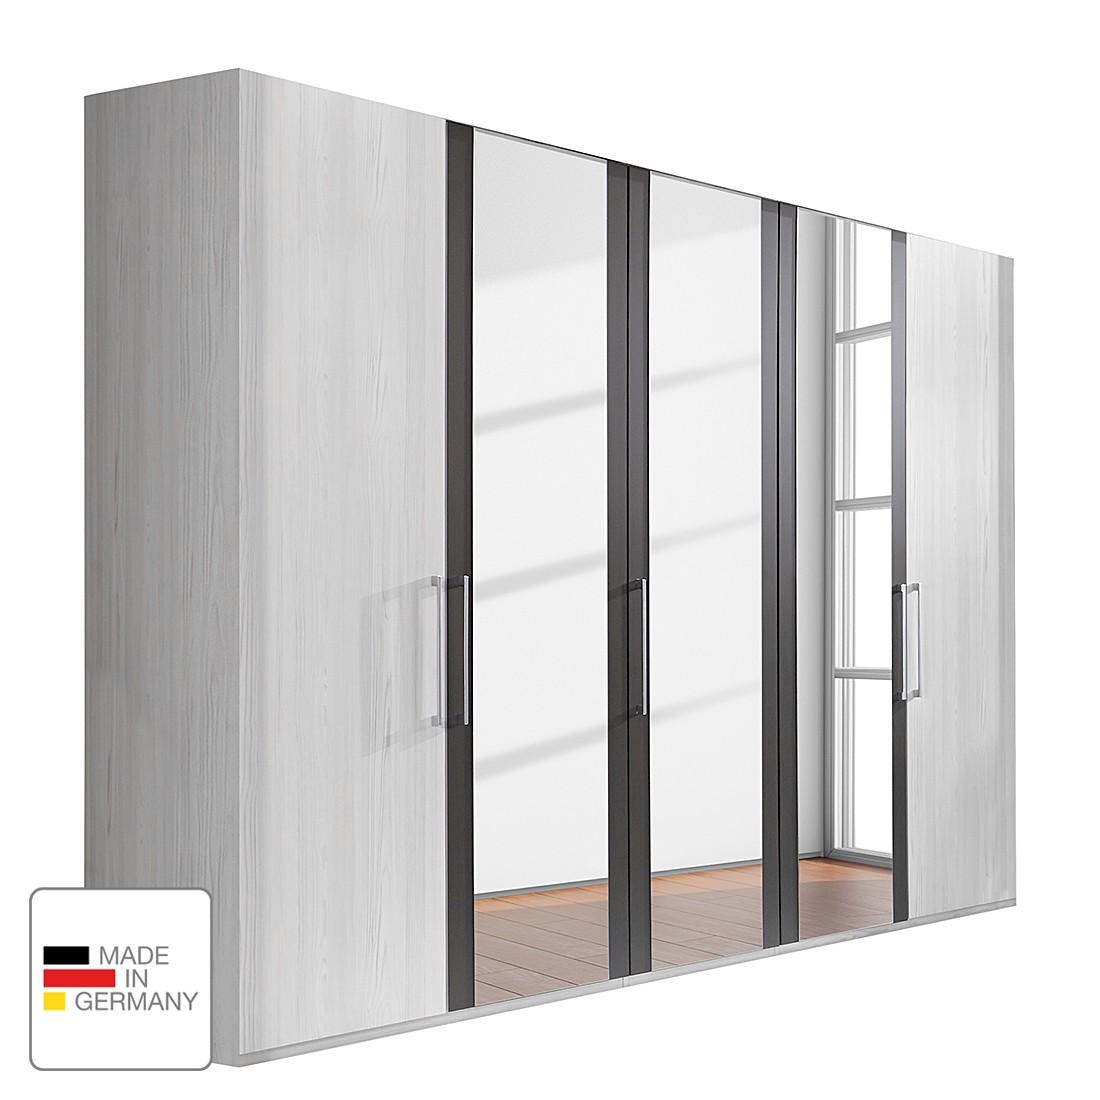 Drehtürenschrank Lissabon – Polar Lärche Dekor/Havanna – 350 cm (7-türig) – 3 Spiegeltüren – Ohne Passpartoutrahmen, Althoff online bestellen